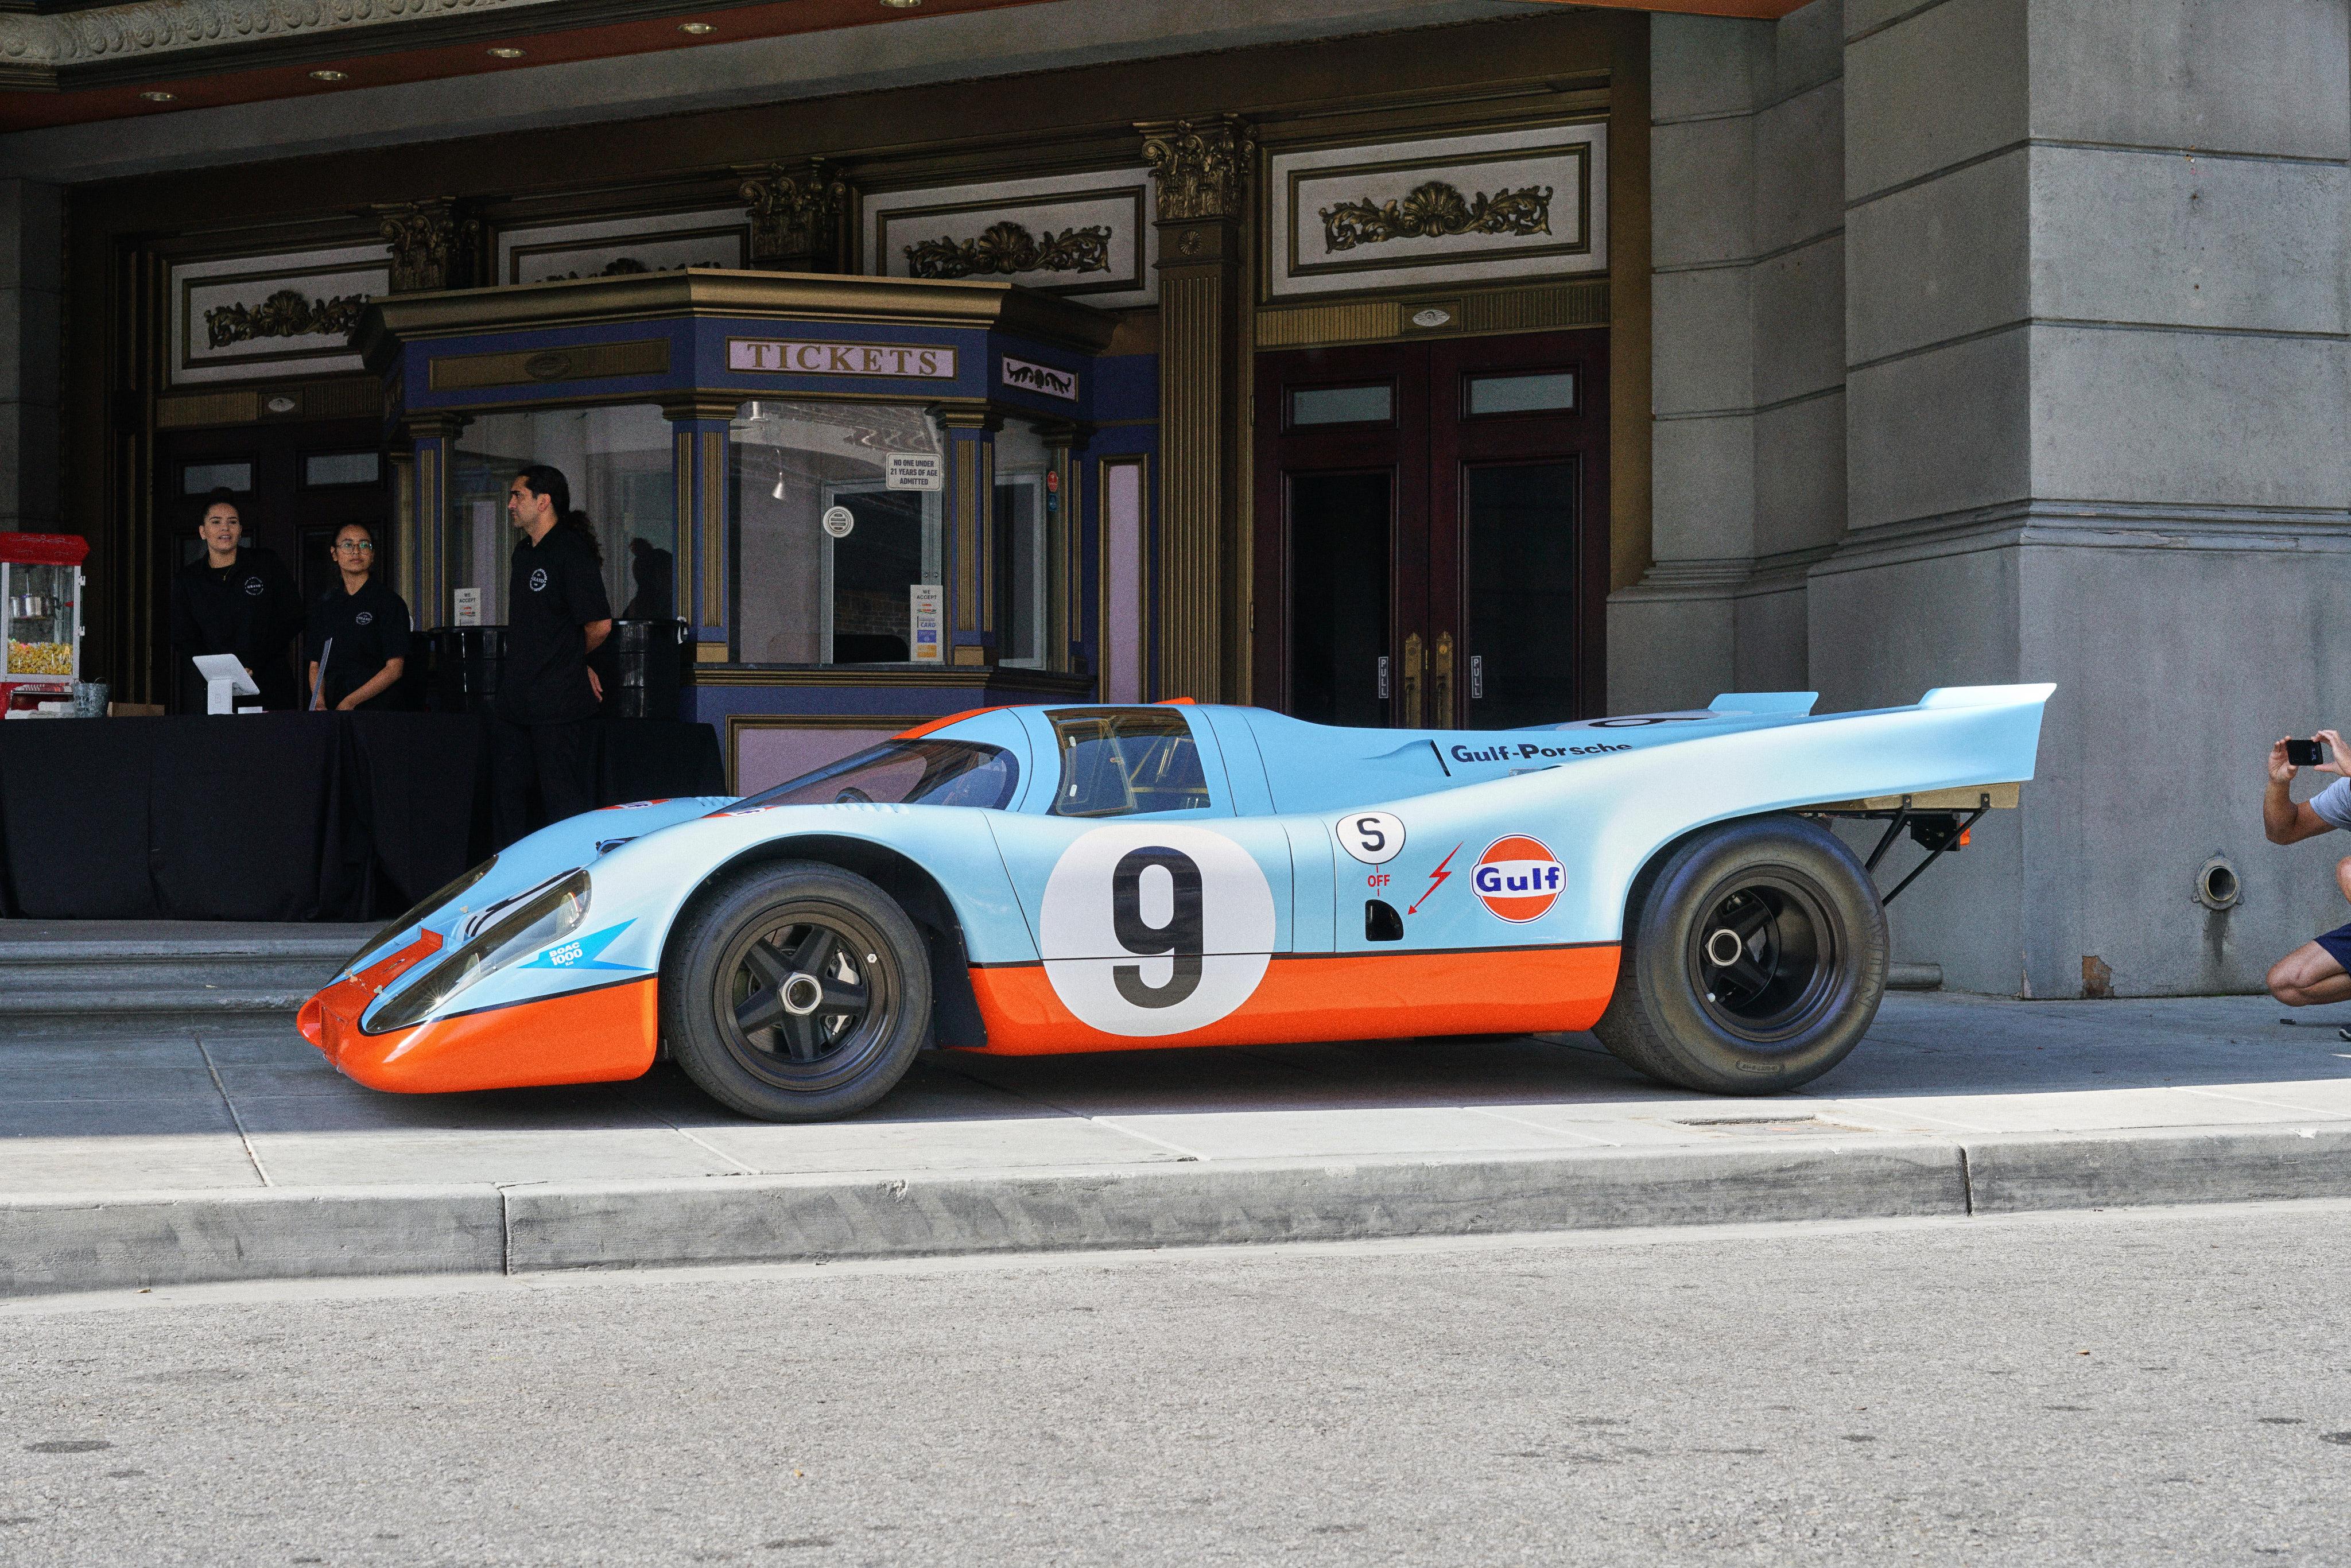 Luftgekühlt-6-Rennen-25-Porsche-917-1969-Gulf-Blue-Profile